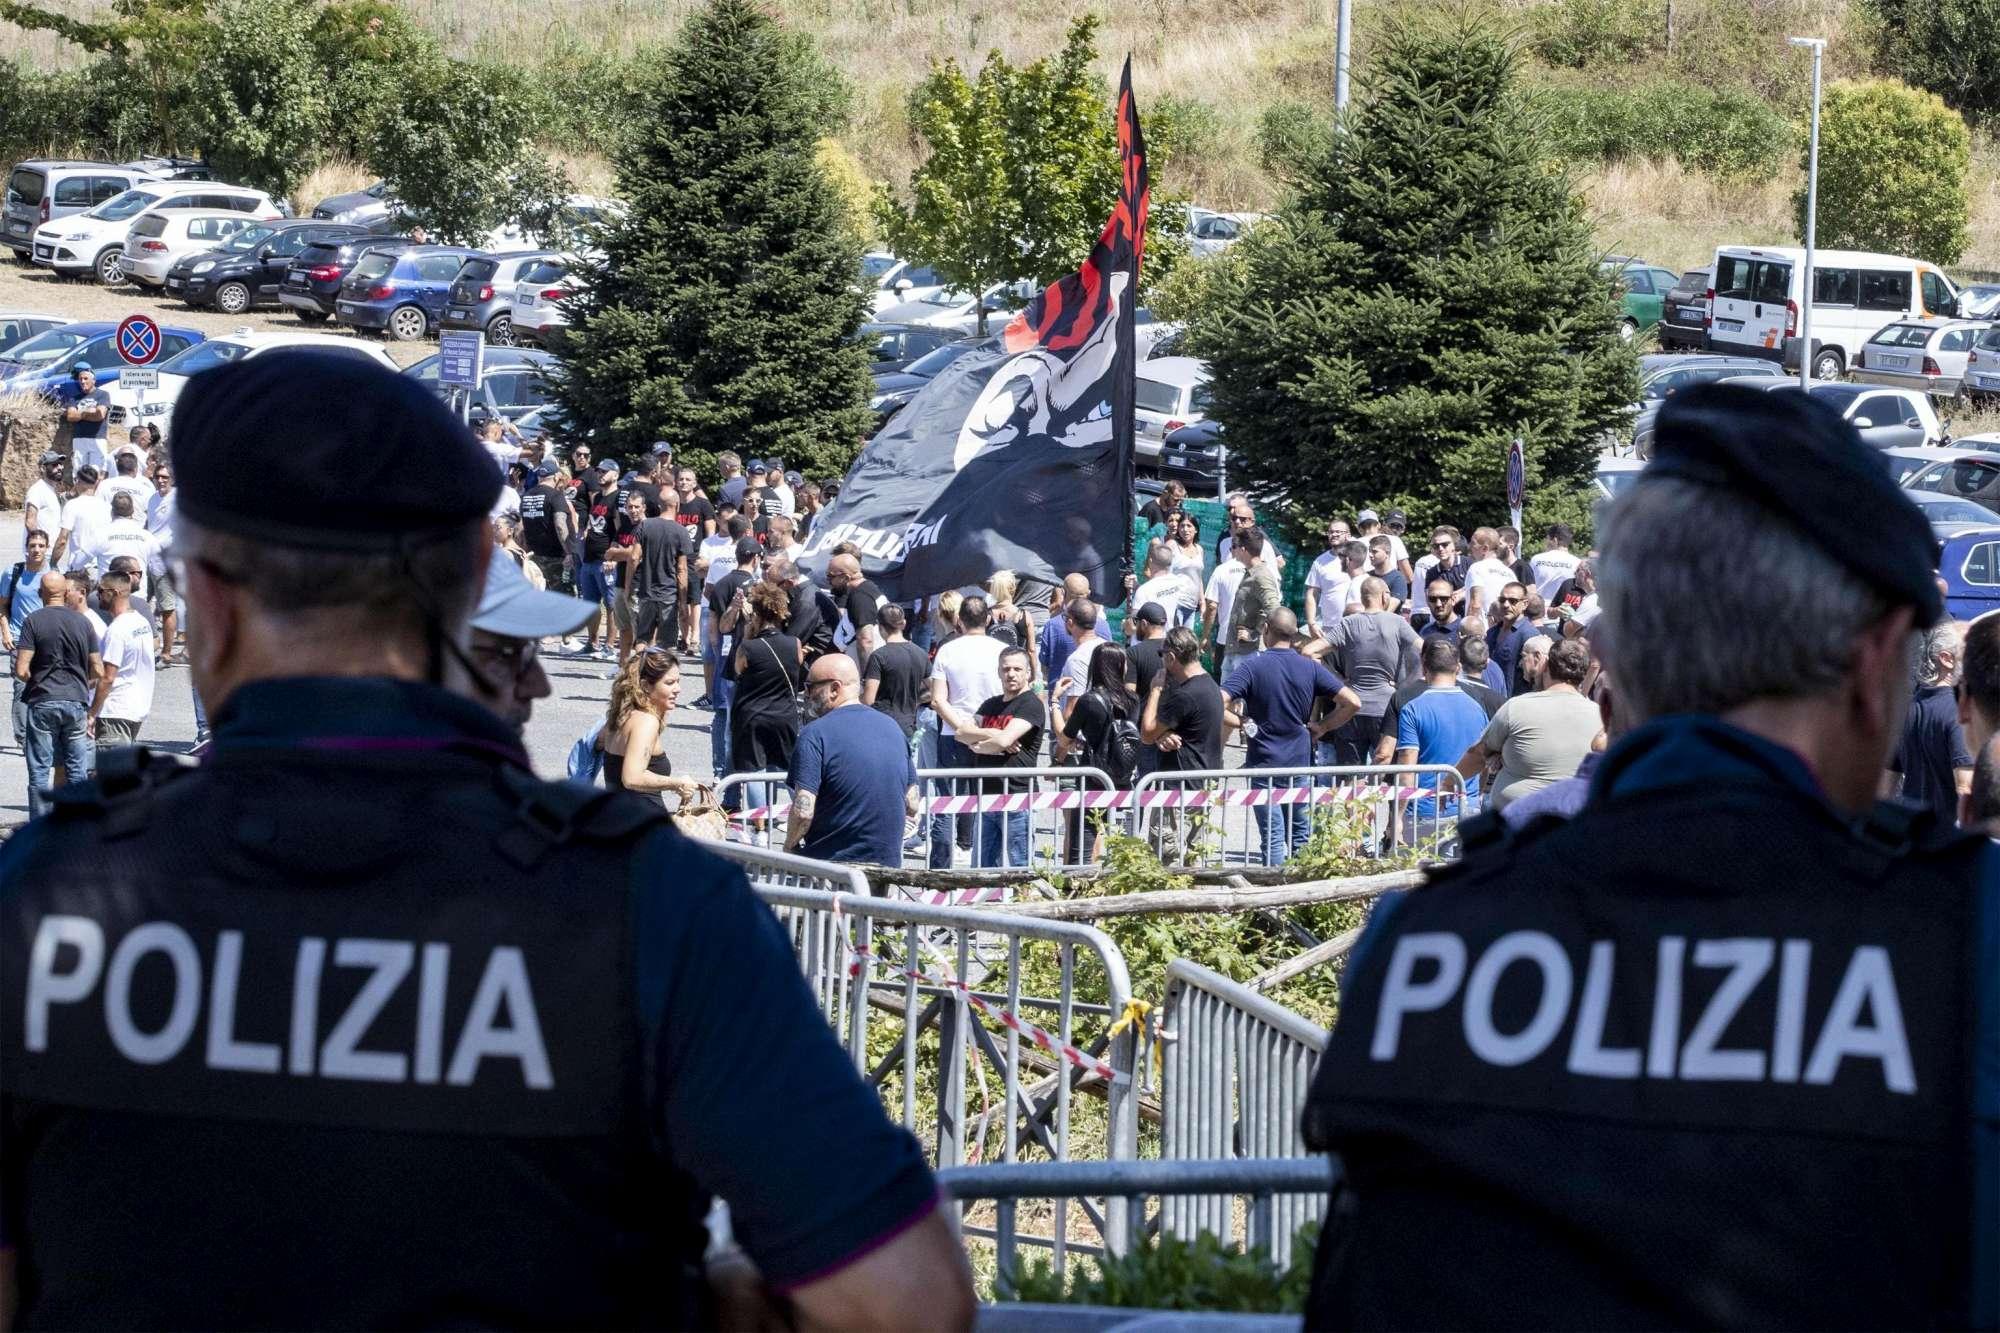 Roma, funerali blindati per Fabrizio Piscitelli